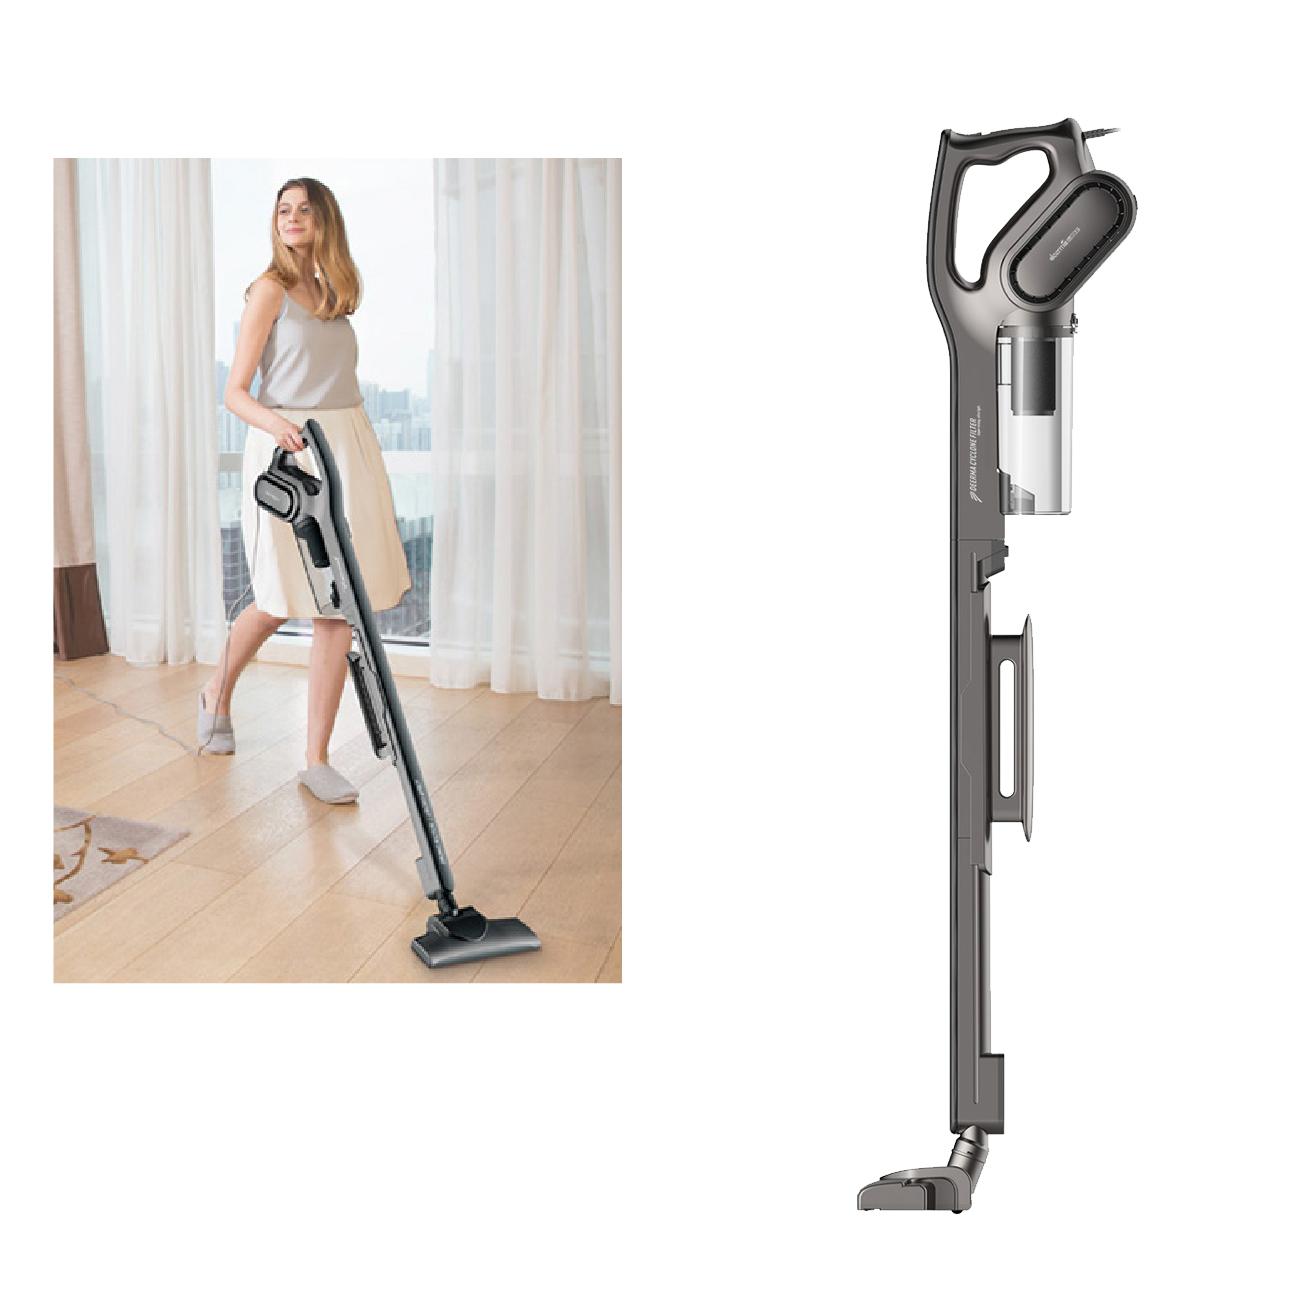 Máy Hút Bụi Cầm Tay Deerma Vacuum Cleaner DX700S (Xám đen) - Hàng chính hãng